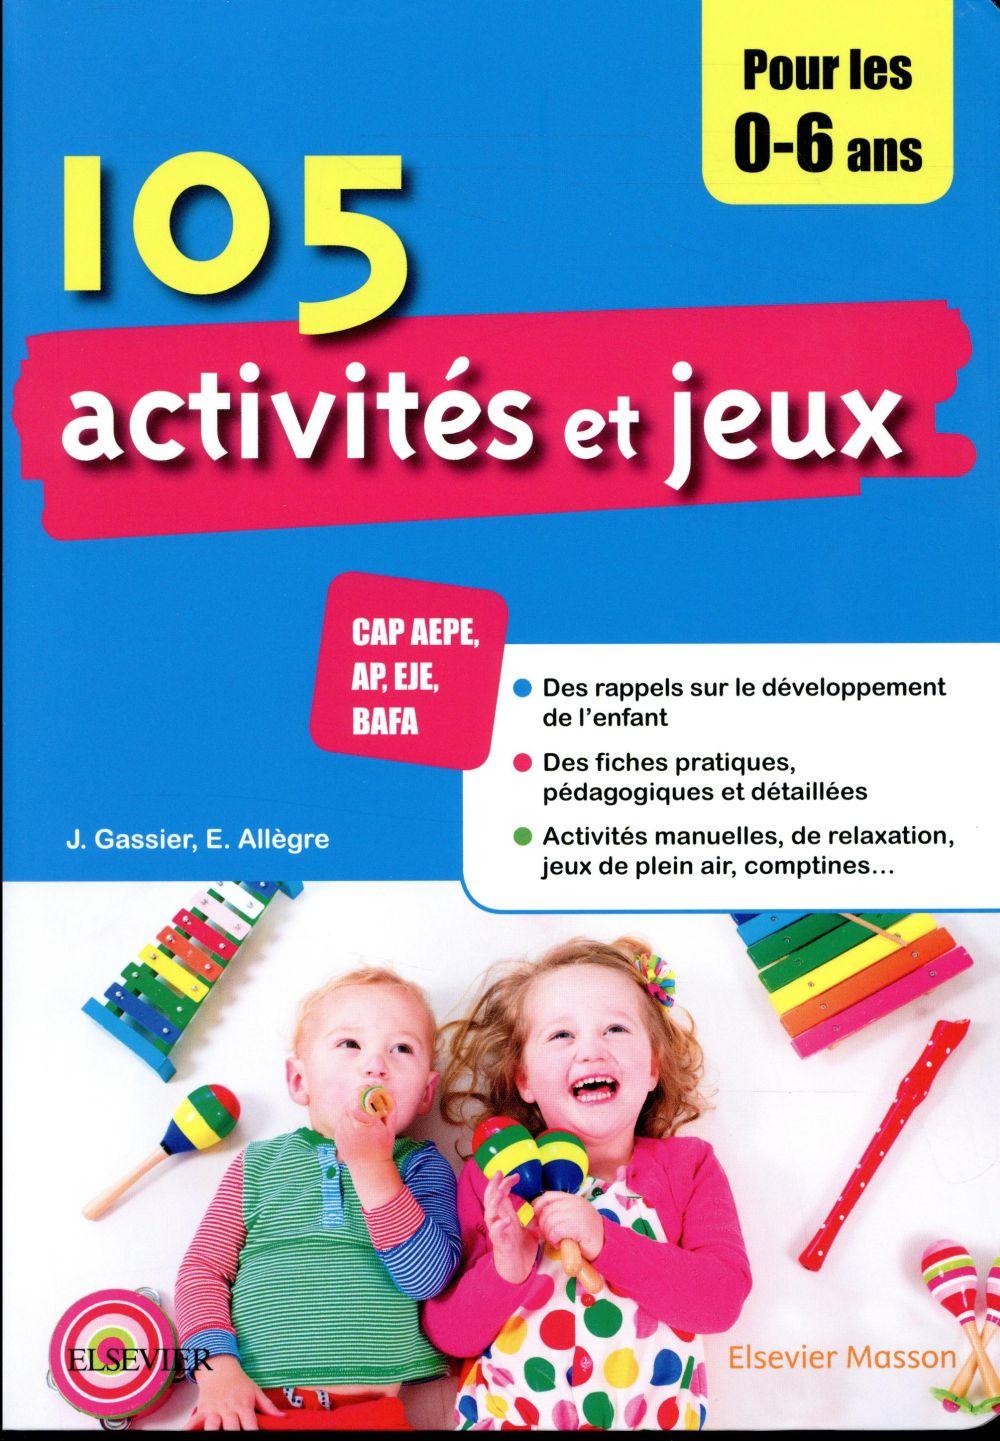 100 ACTIVITES ET JEUX POUR LES ENFANTS DE 0 A 6 ANS (3E EDITION) GASSIER, JACQUELINE MASSON